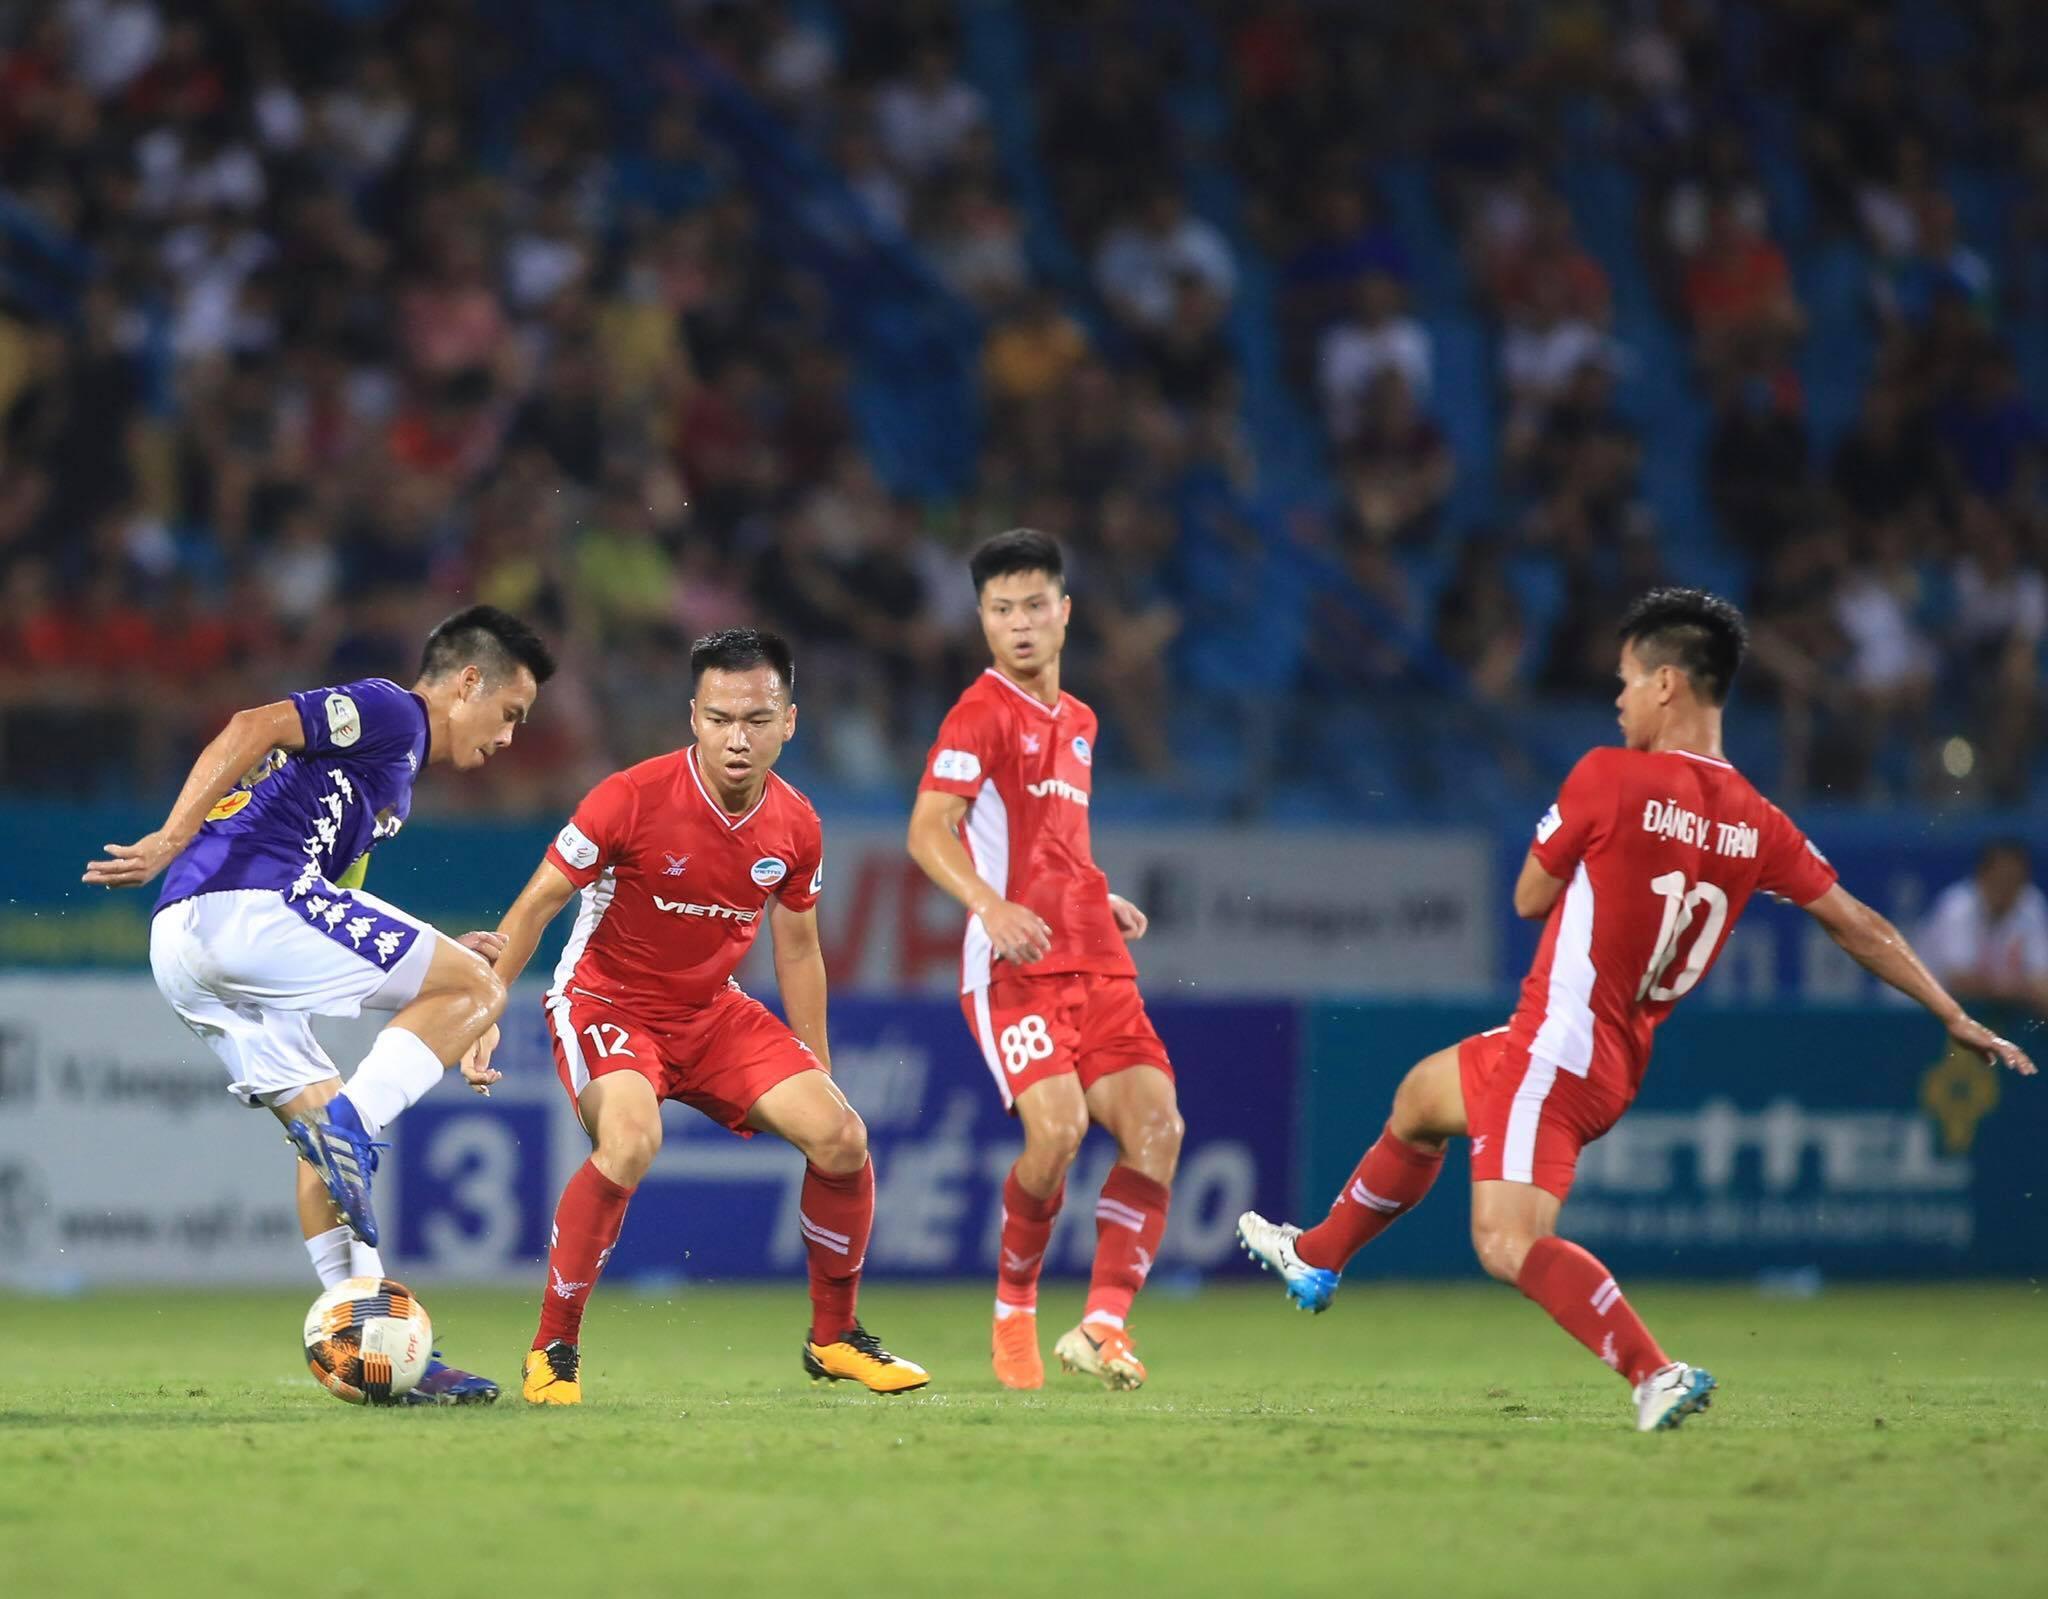 Viettel hài lòng với kết quả 1-1 trước Hà Nội - Ảnh: Minh Tuấn